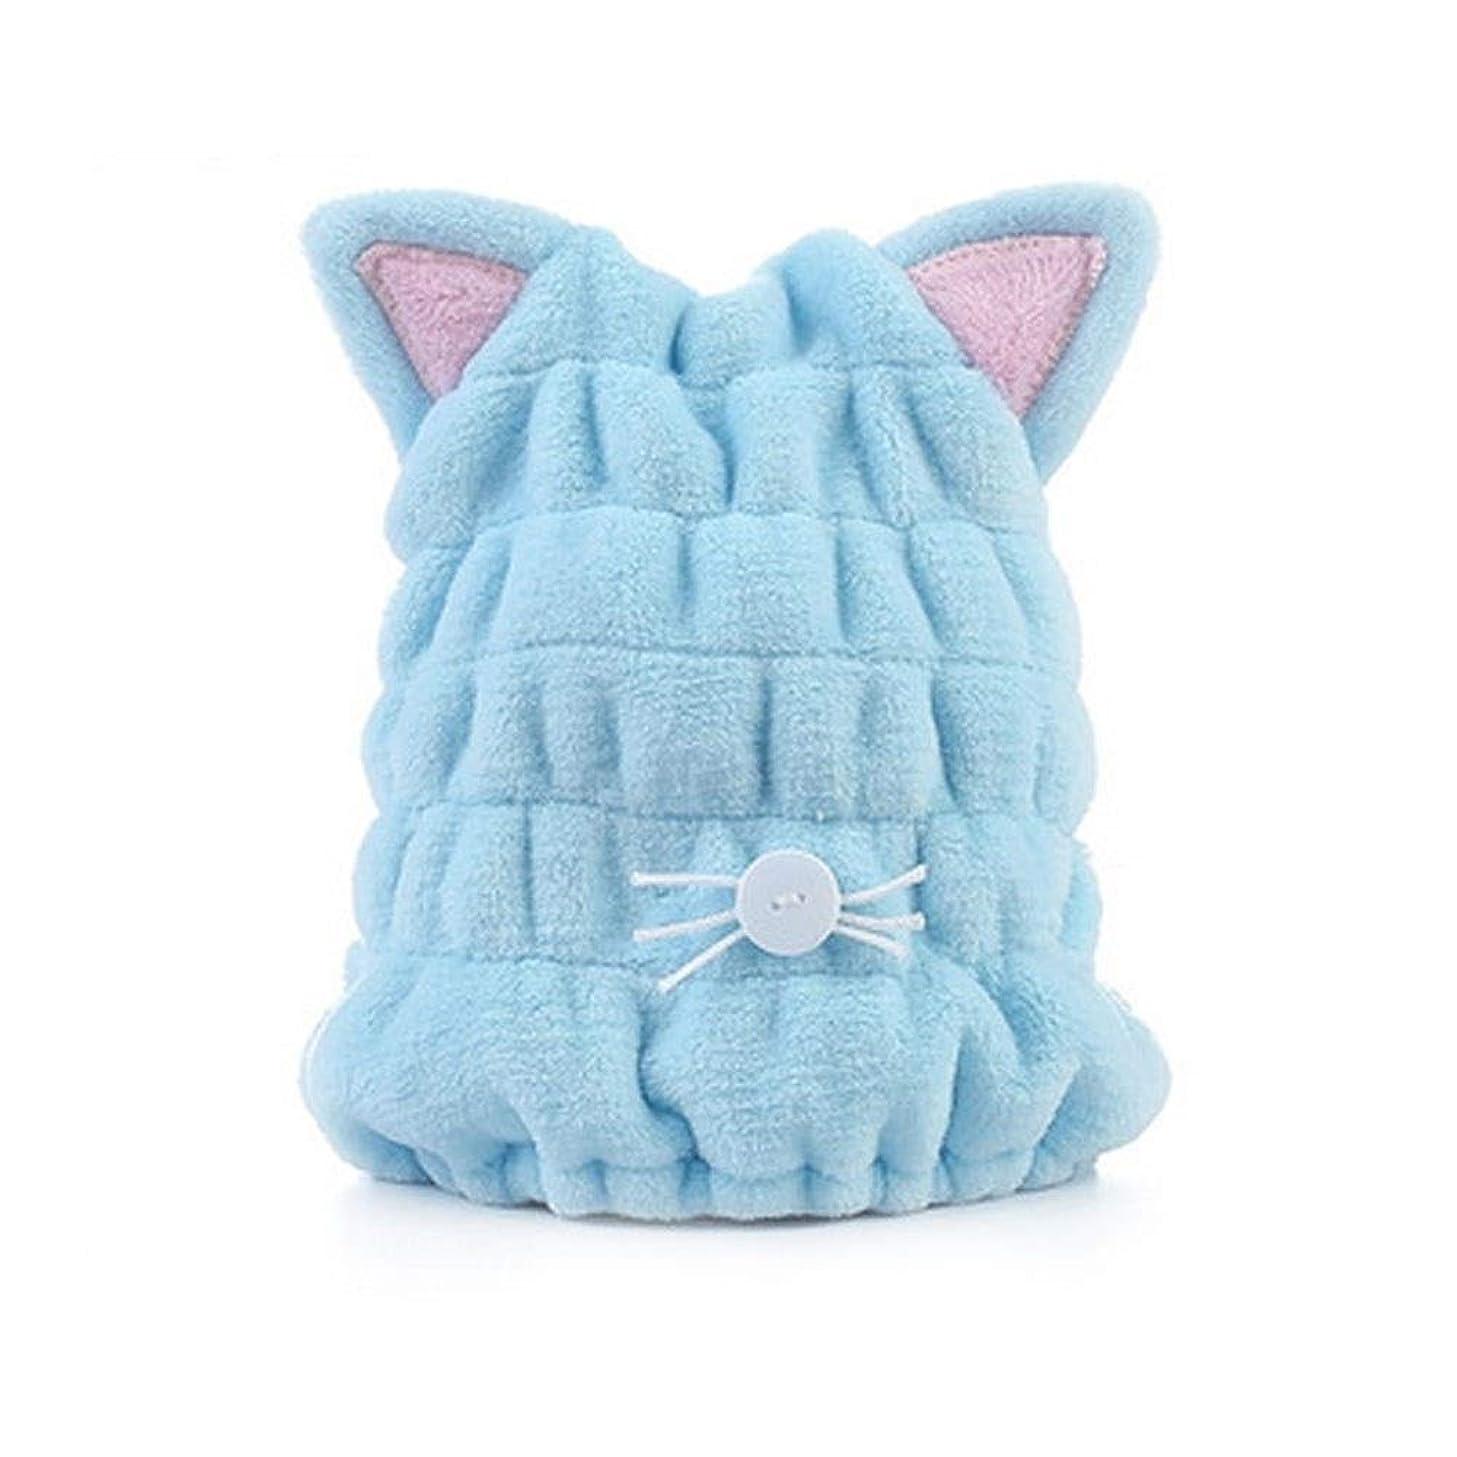 弱める星変形CXZA 吸水速乾性タオル、大人かわいい太いシャワーキャップ、ヘアータオル (Color : Light blue)